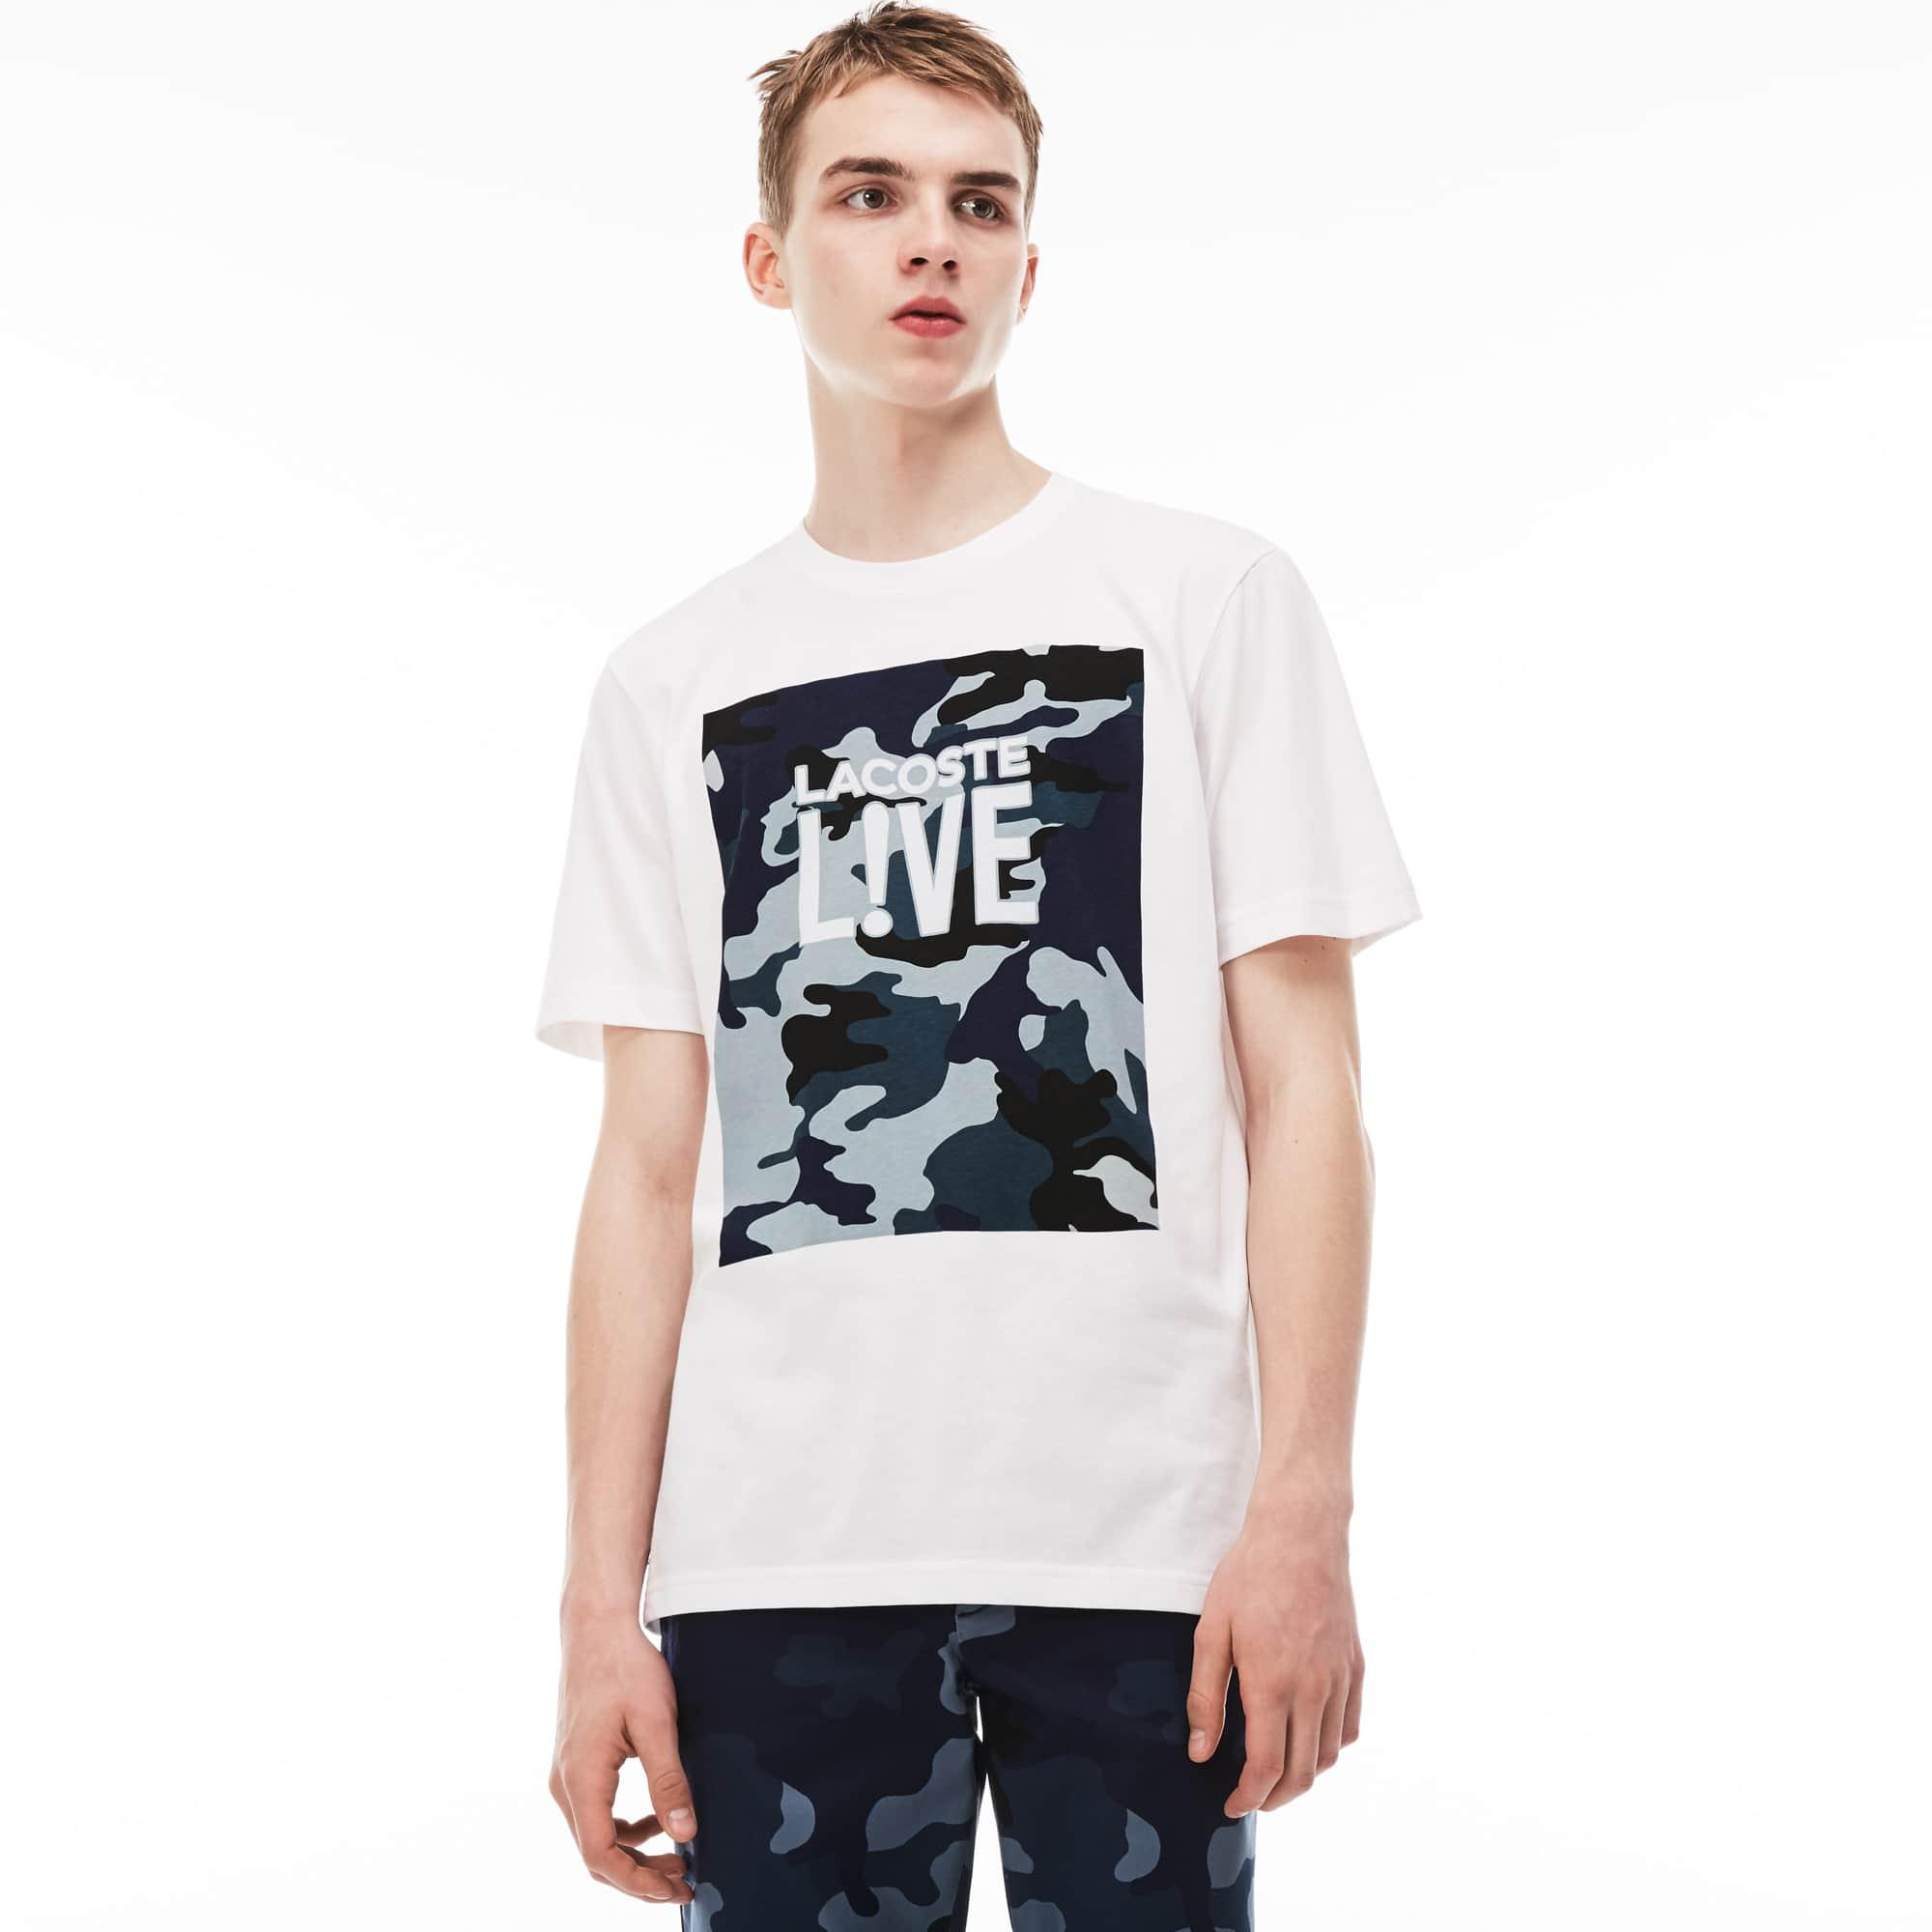 Lacoste LIVE-T-shirt heren ronde hals jersey met print